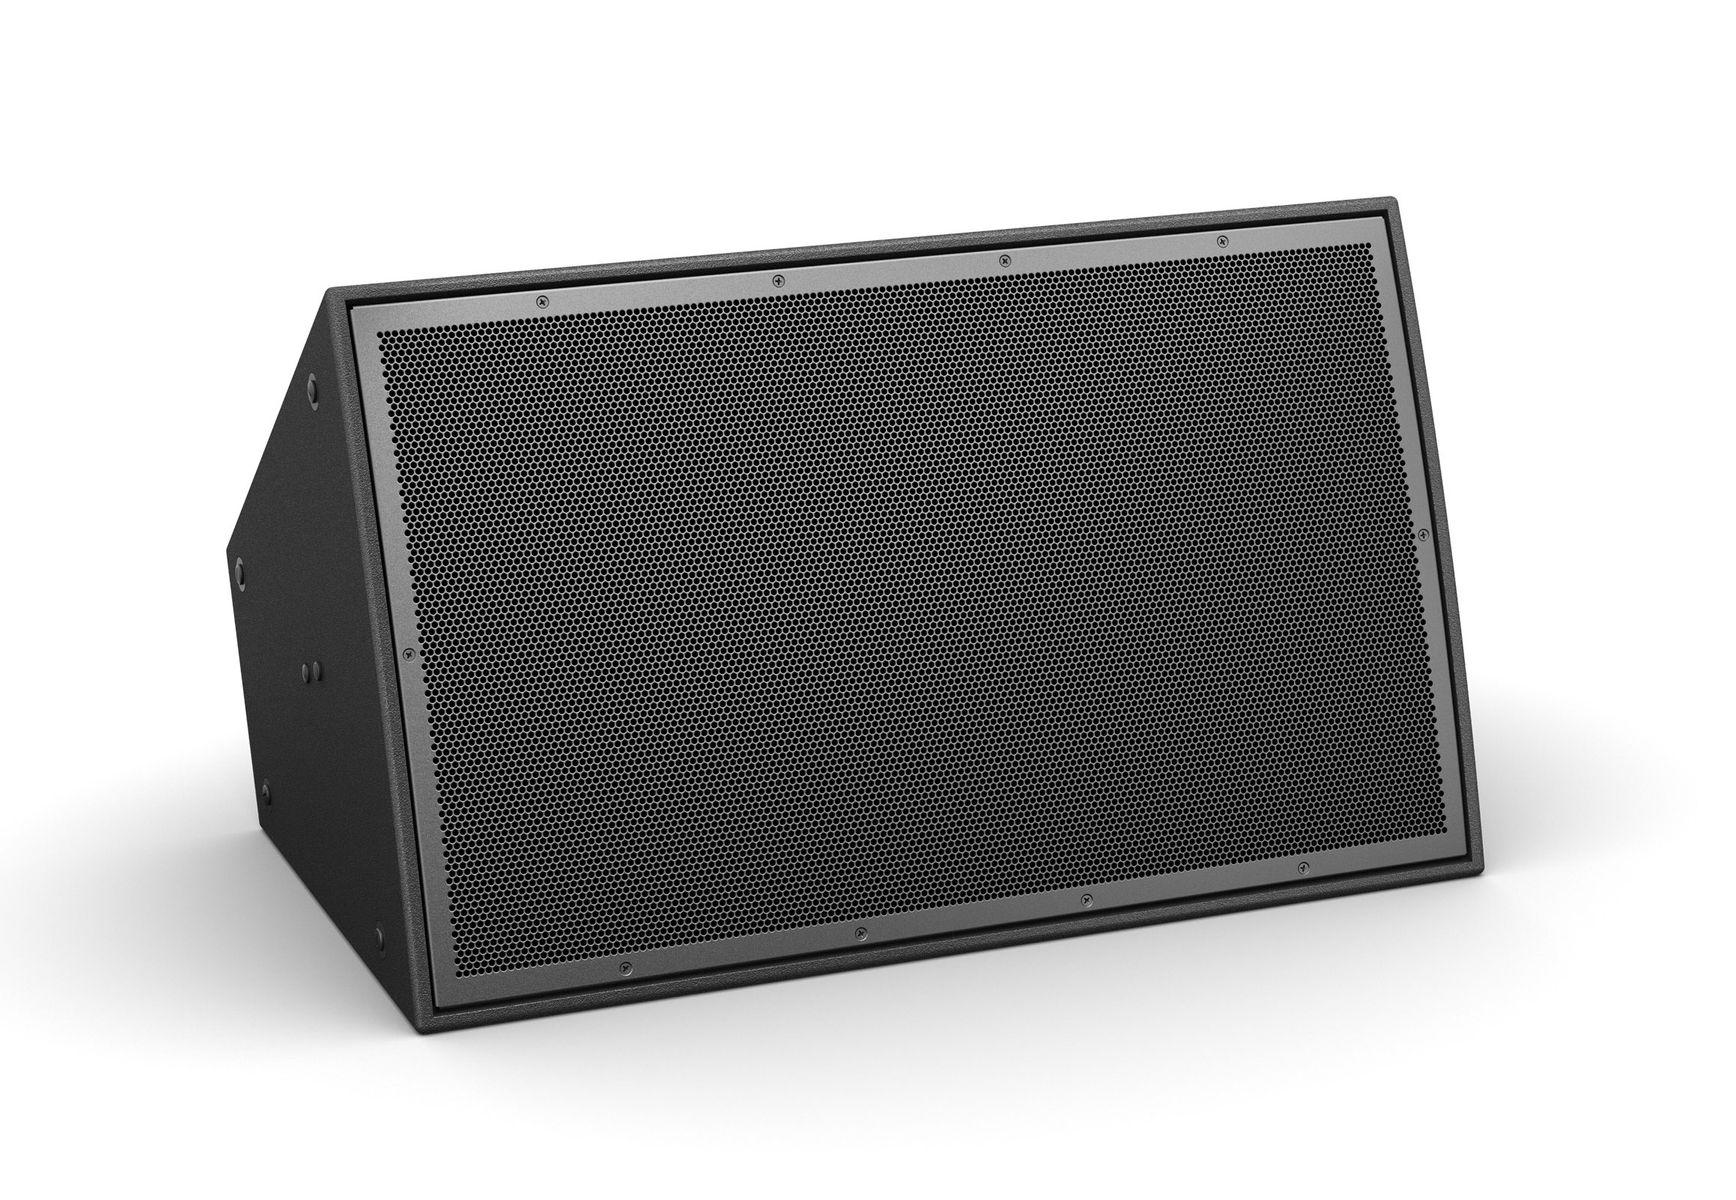 ArenaMatch DeltaQ AM40 Loudspeaker